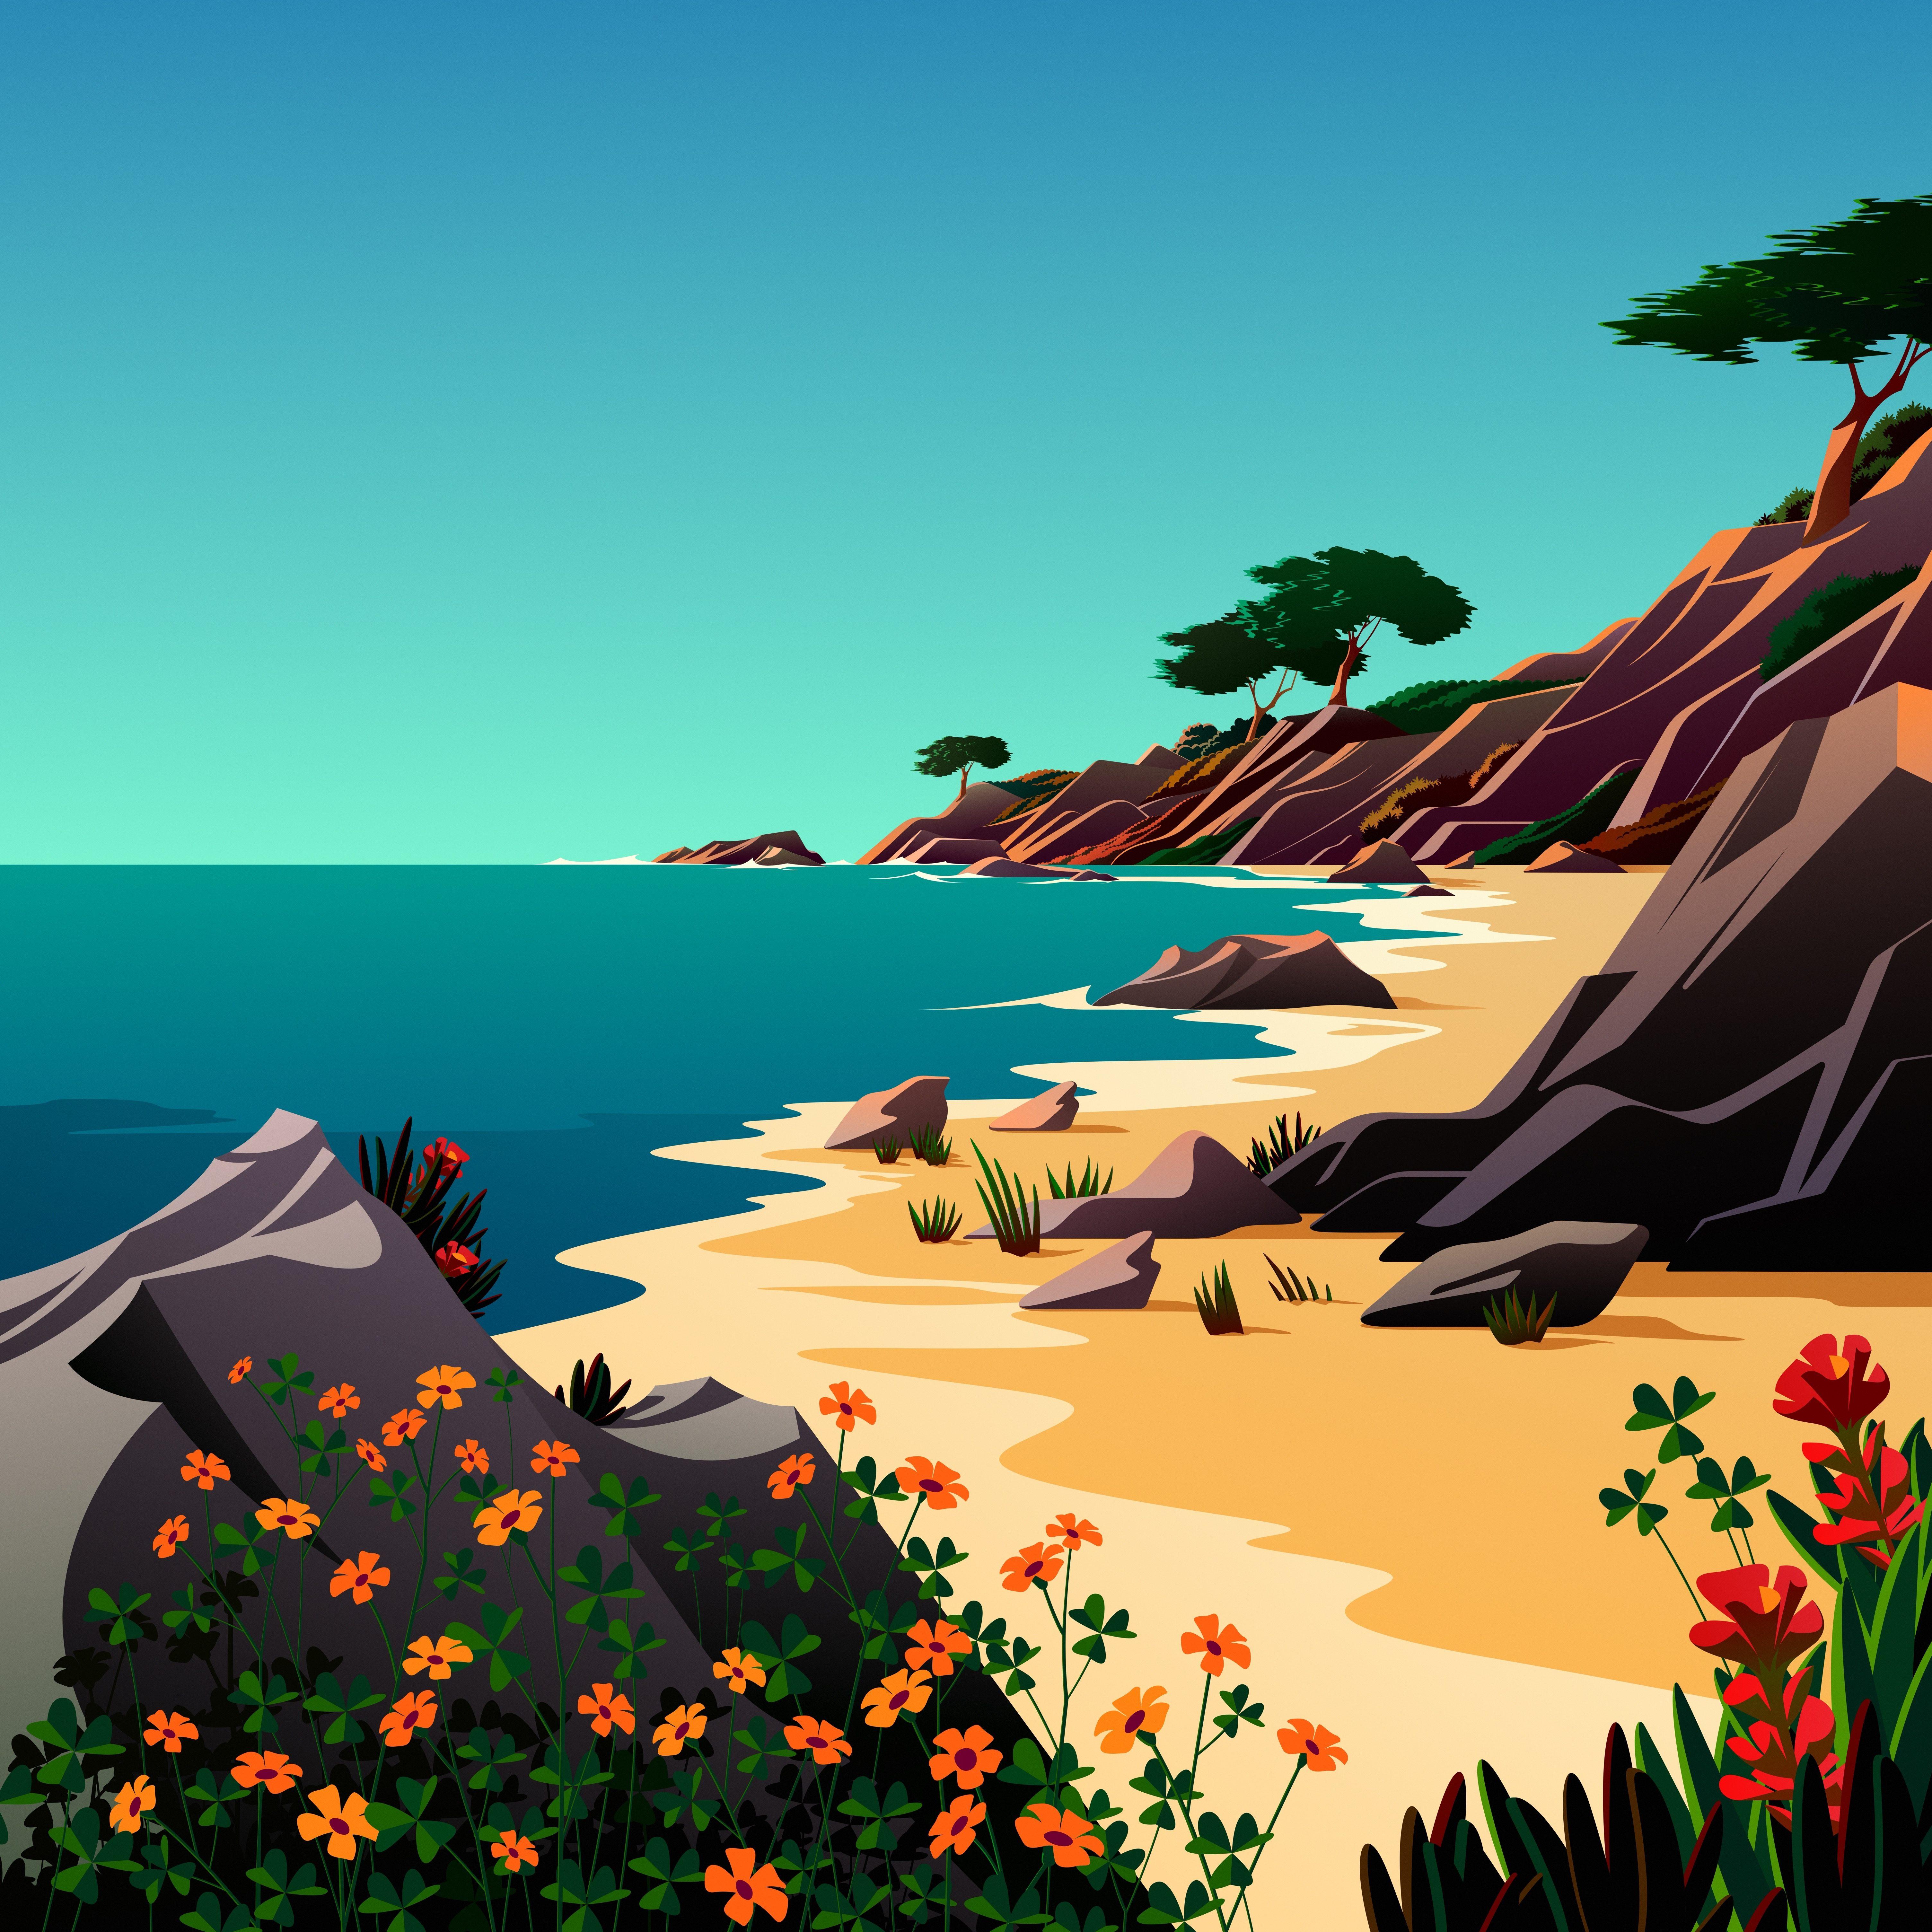 macOS Big Sur The Beach 5 dragged